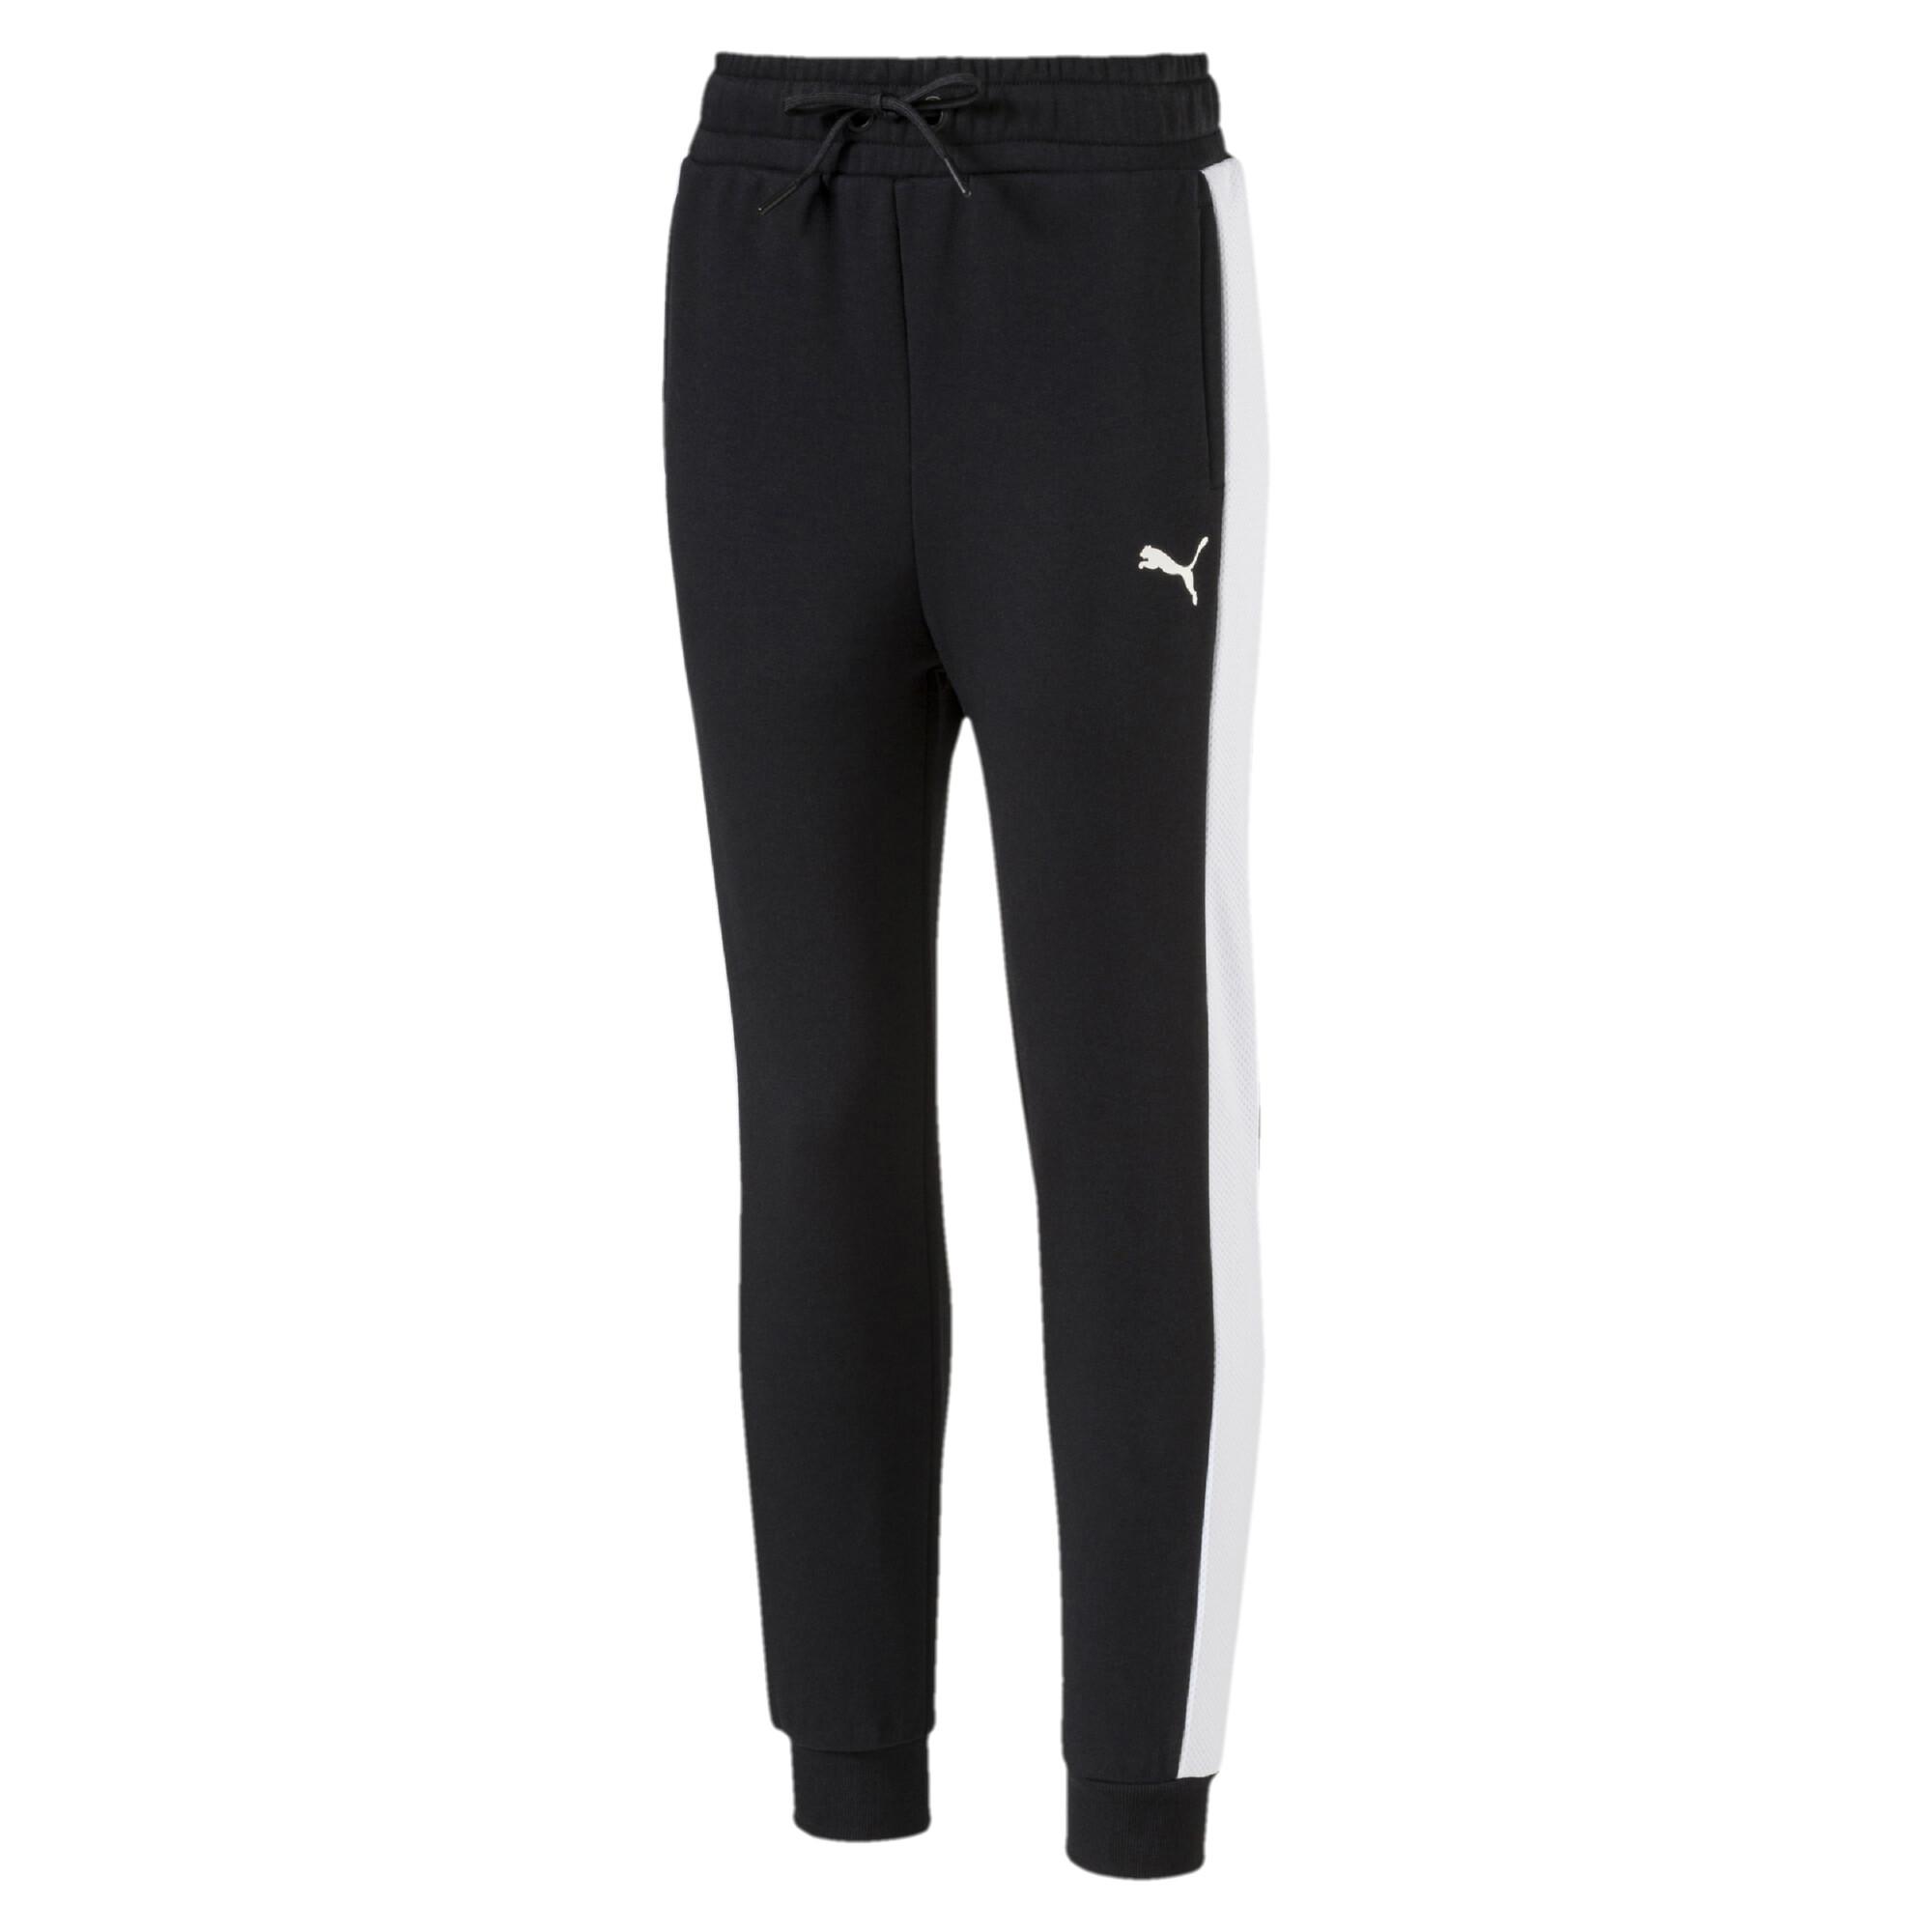 Image Puma Girls' Style Sweatpants #1